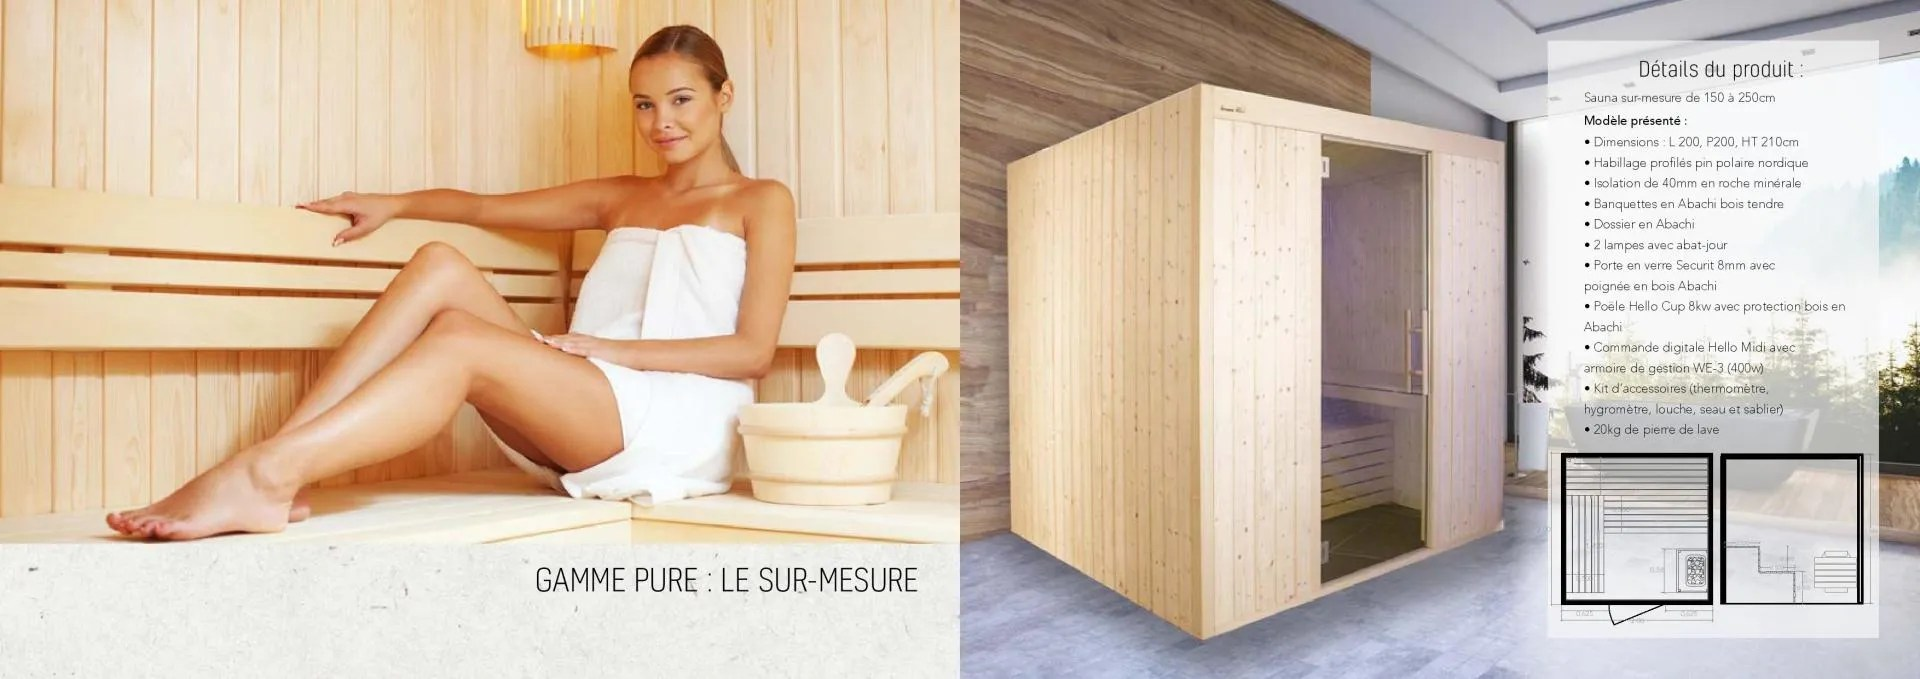 le fabricant de sauna giovanni riboli